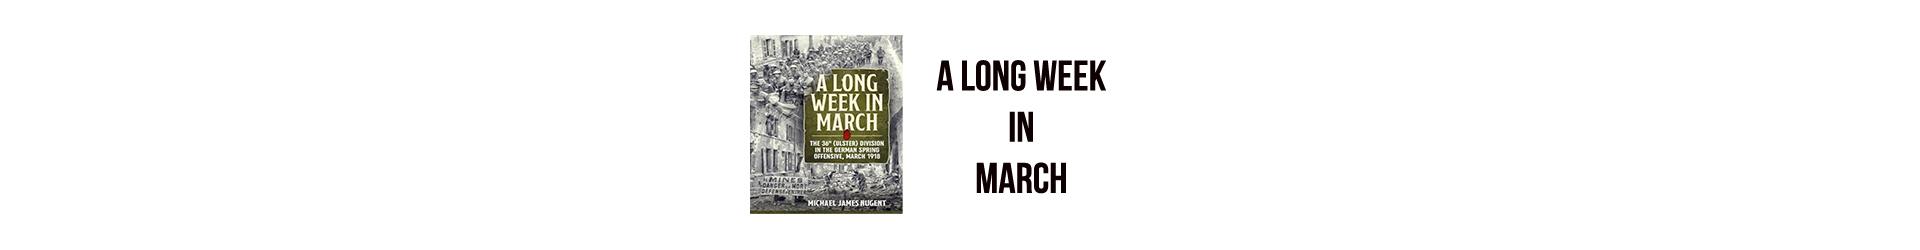 A Long Week in March